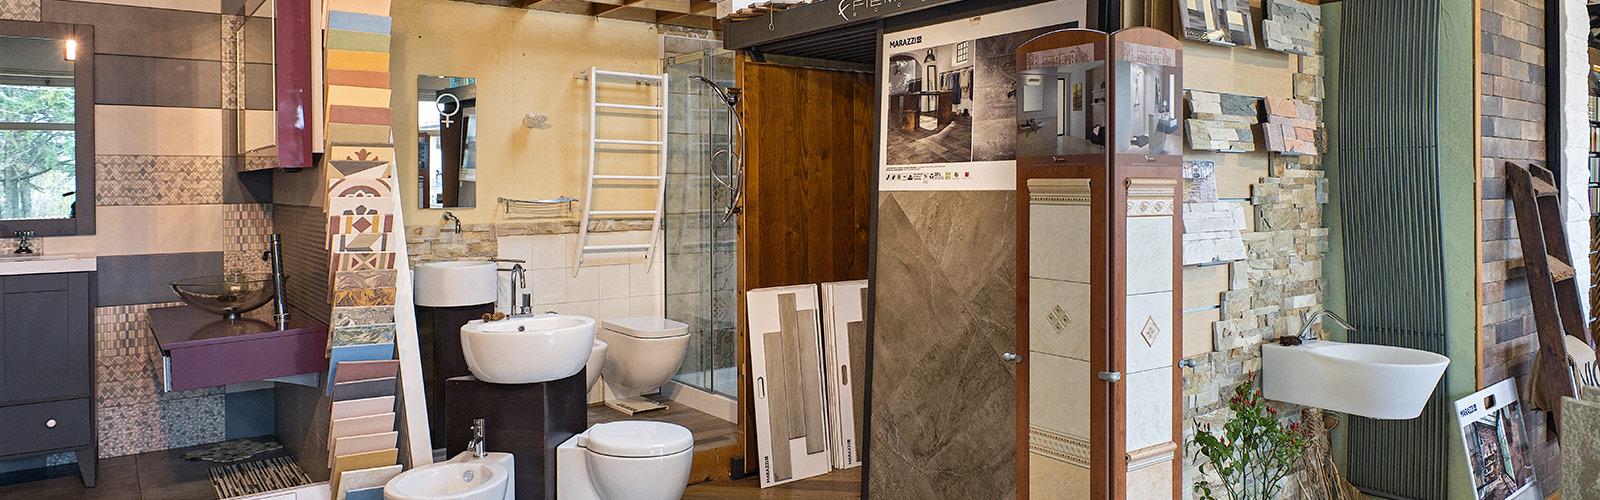 Cmc vendita ceramiche pavimenti rivestimenti ad asti in for Piastrelle linoleum bagno